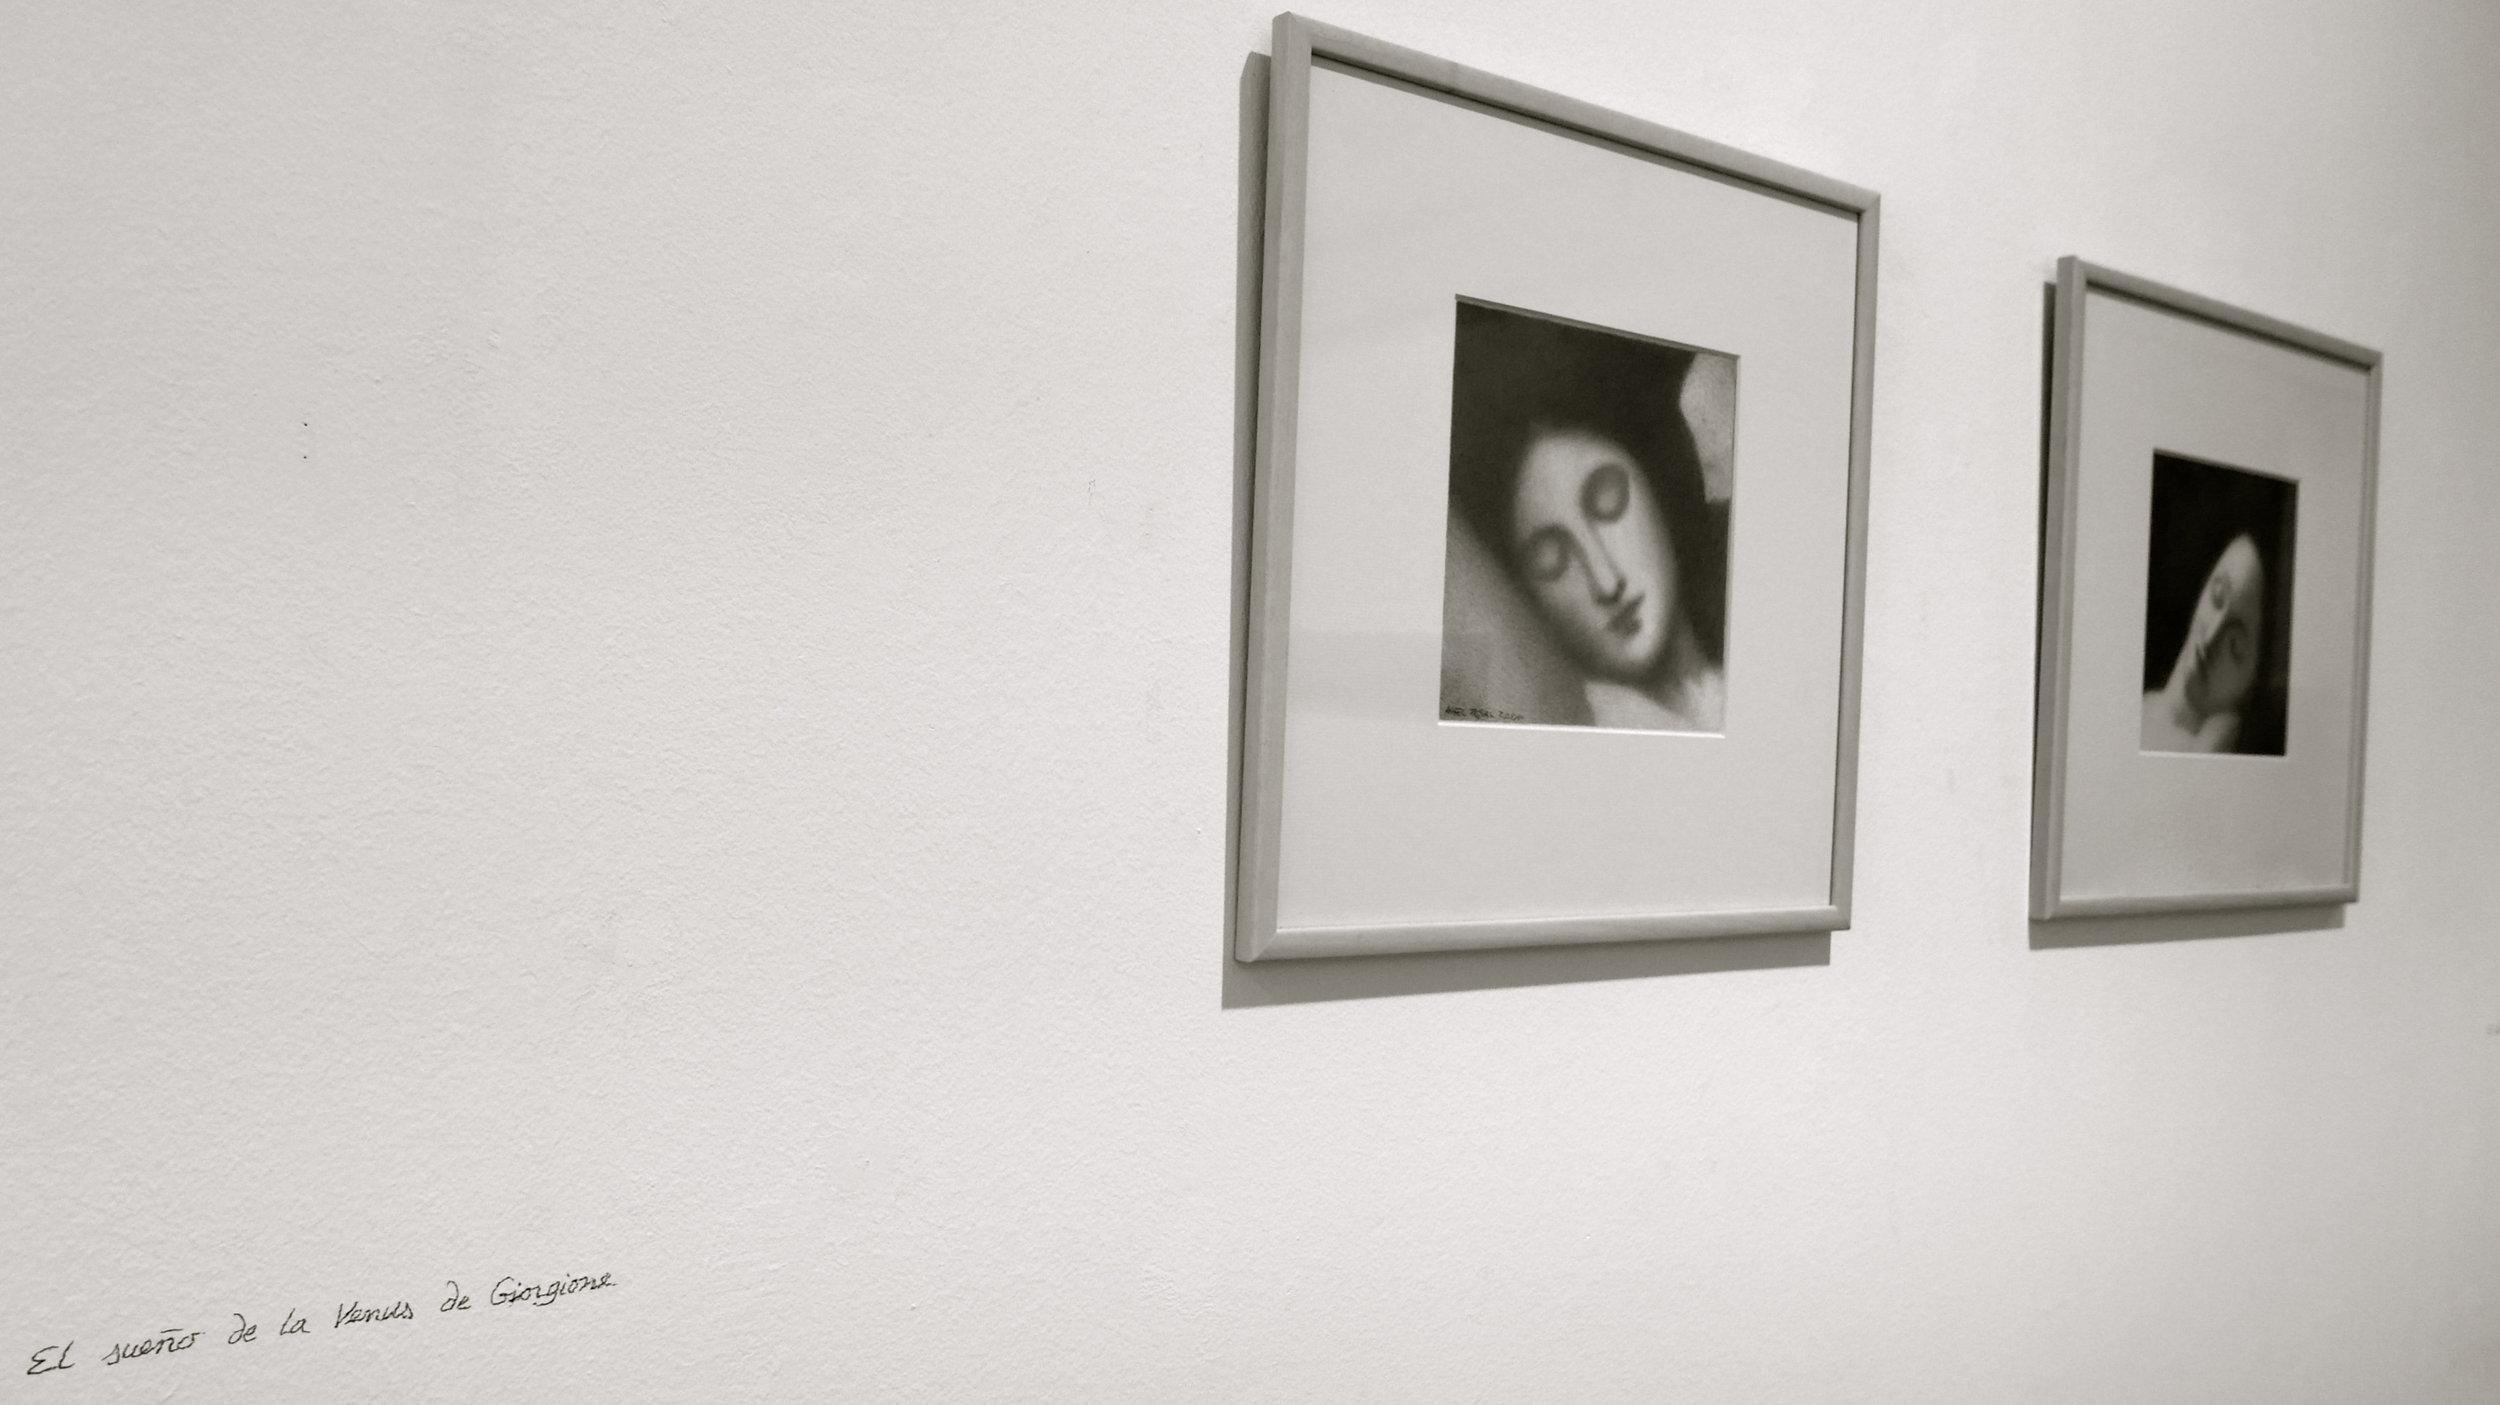 El sueño de la venus de Giorgione - 2